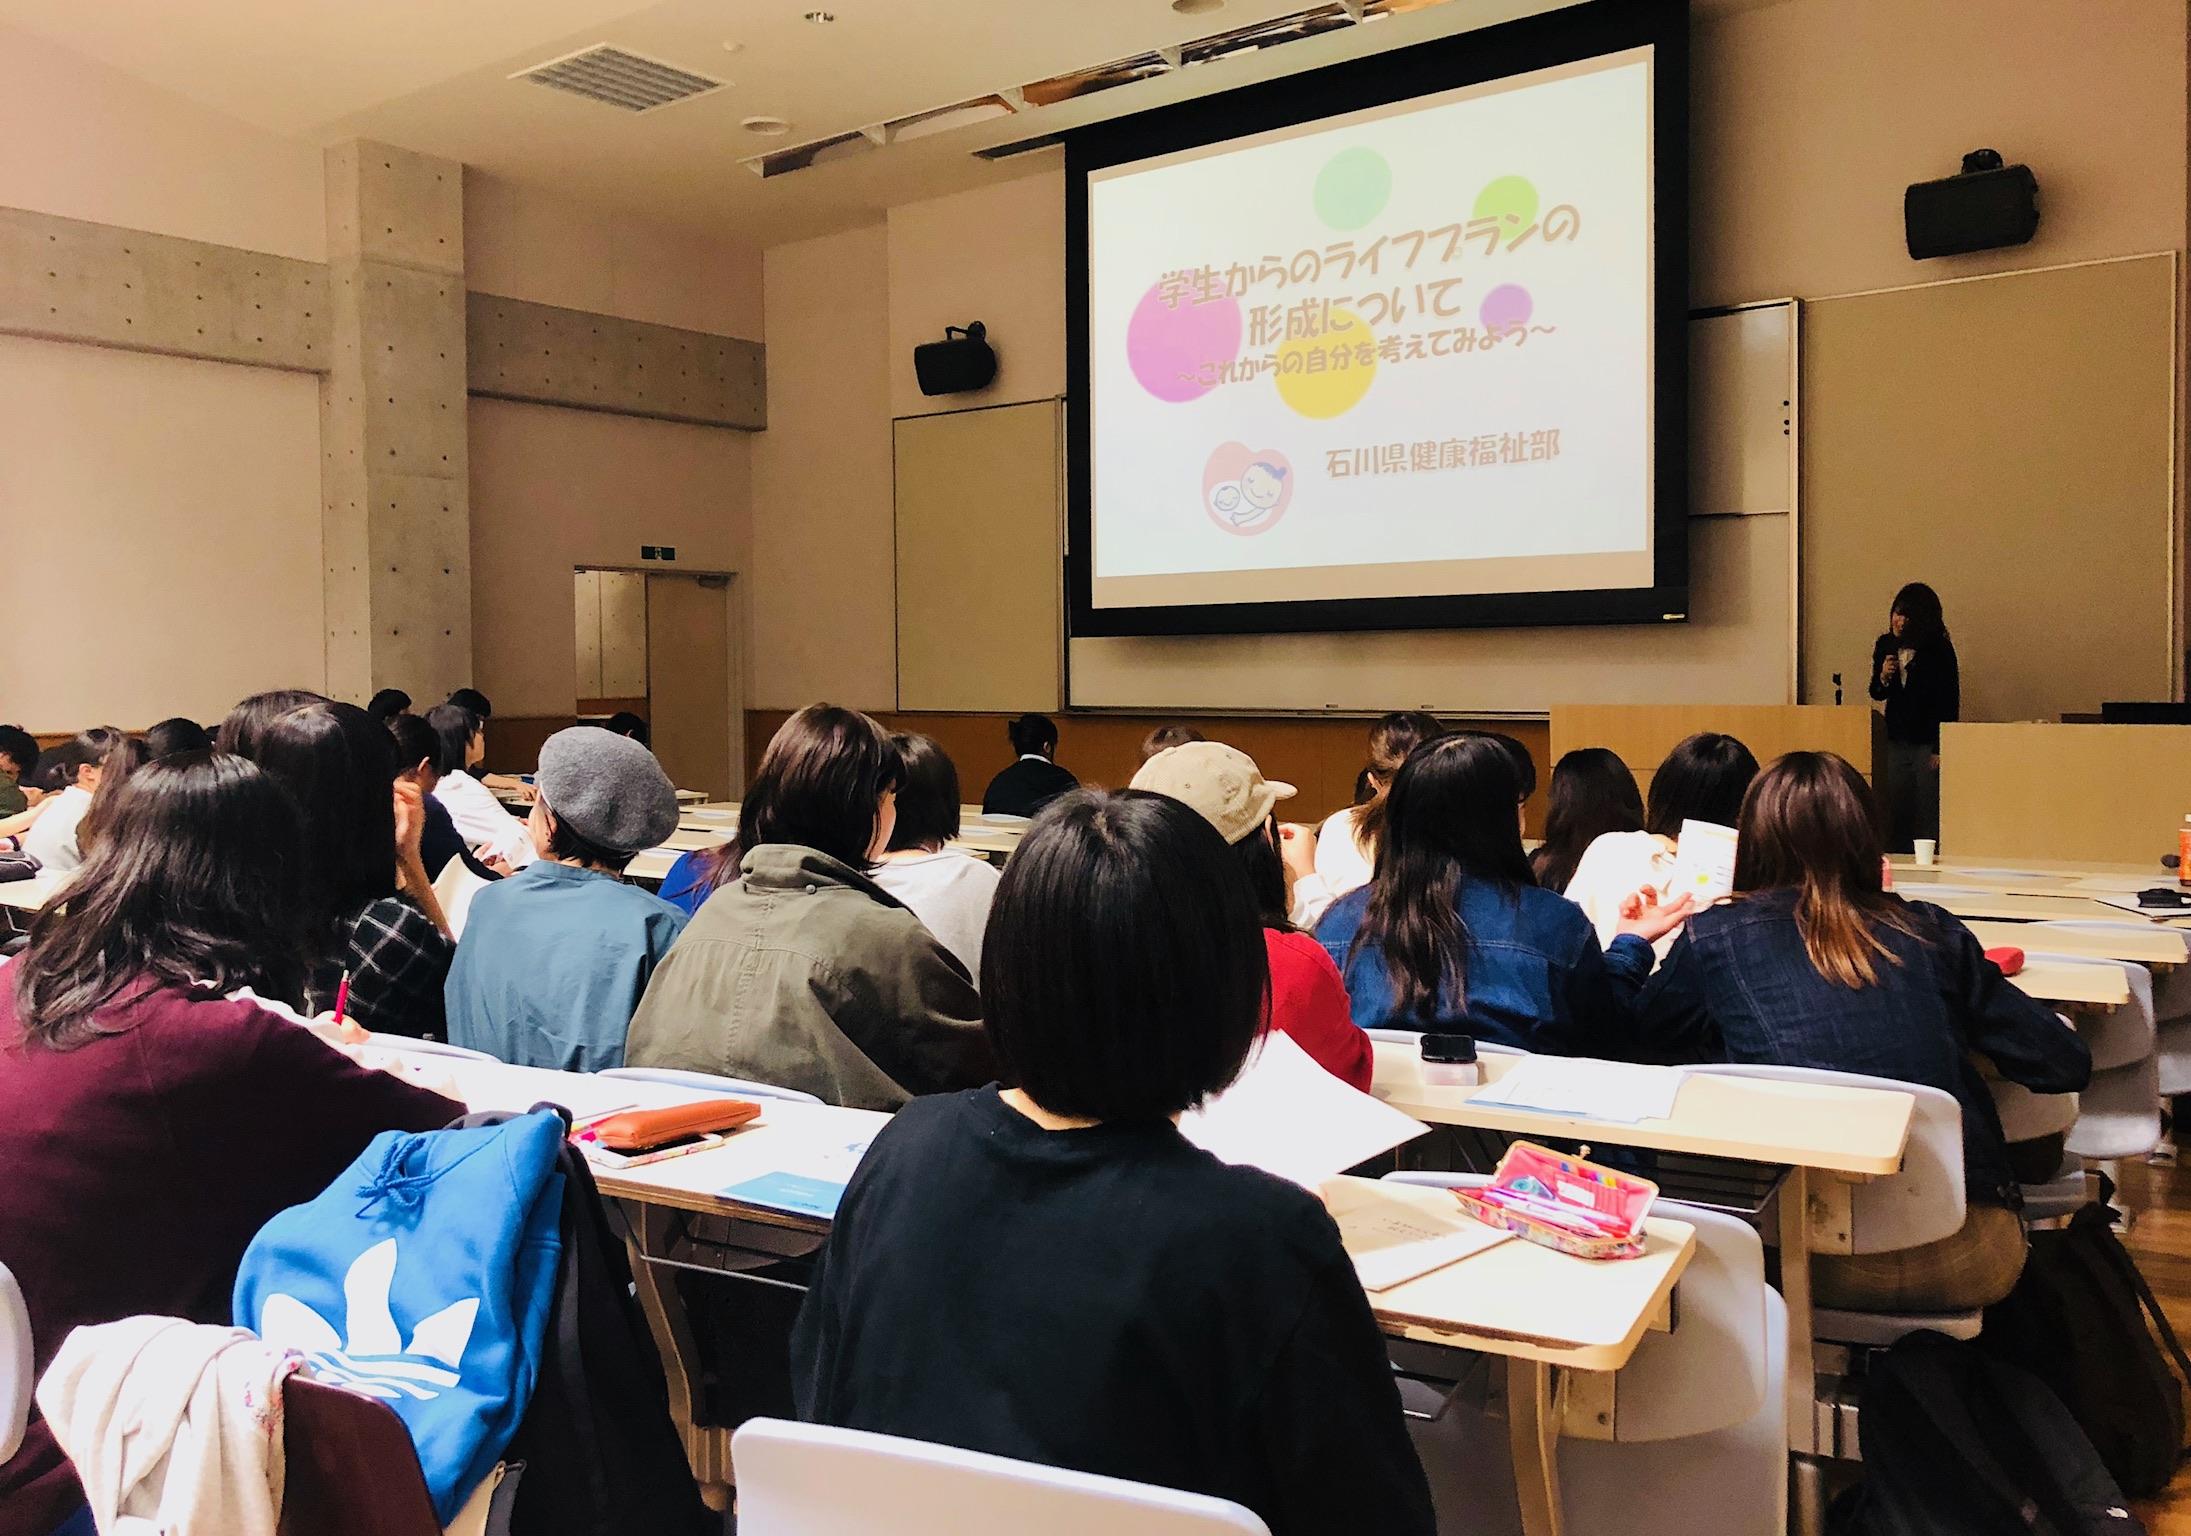 石川県・金城大学でキャリア開発講座をしました。今年で3年目のリピート登壇です。